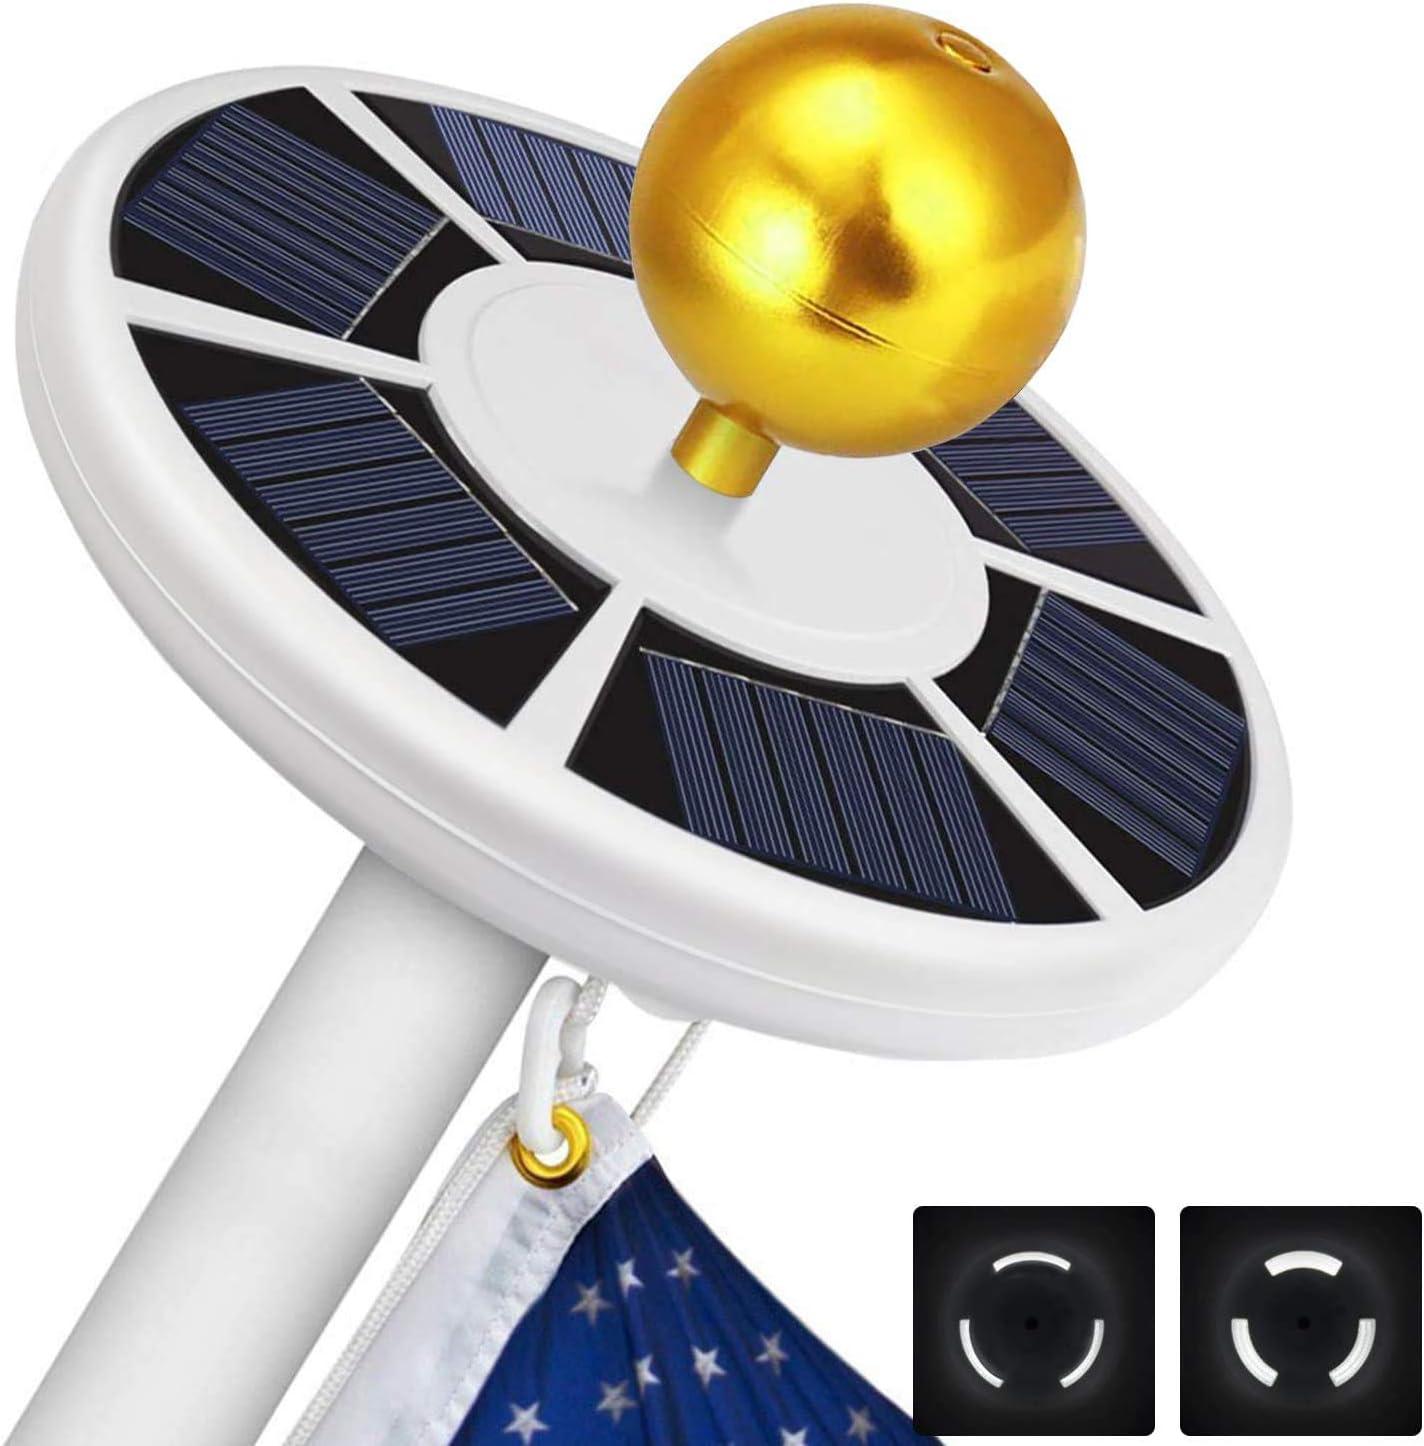 Solar Flag Pole Light 111 led Light, Super Bright Flag Pole LED, Solar Powered Flag Pole Lights for Longest Lasting Upto 10 Hrs, LED Downlight up Flag on Most 15 to 25Ft 100% Flag Coverage LED(White)